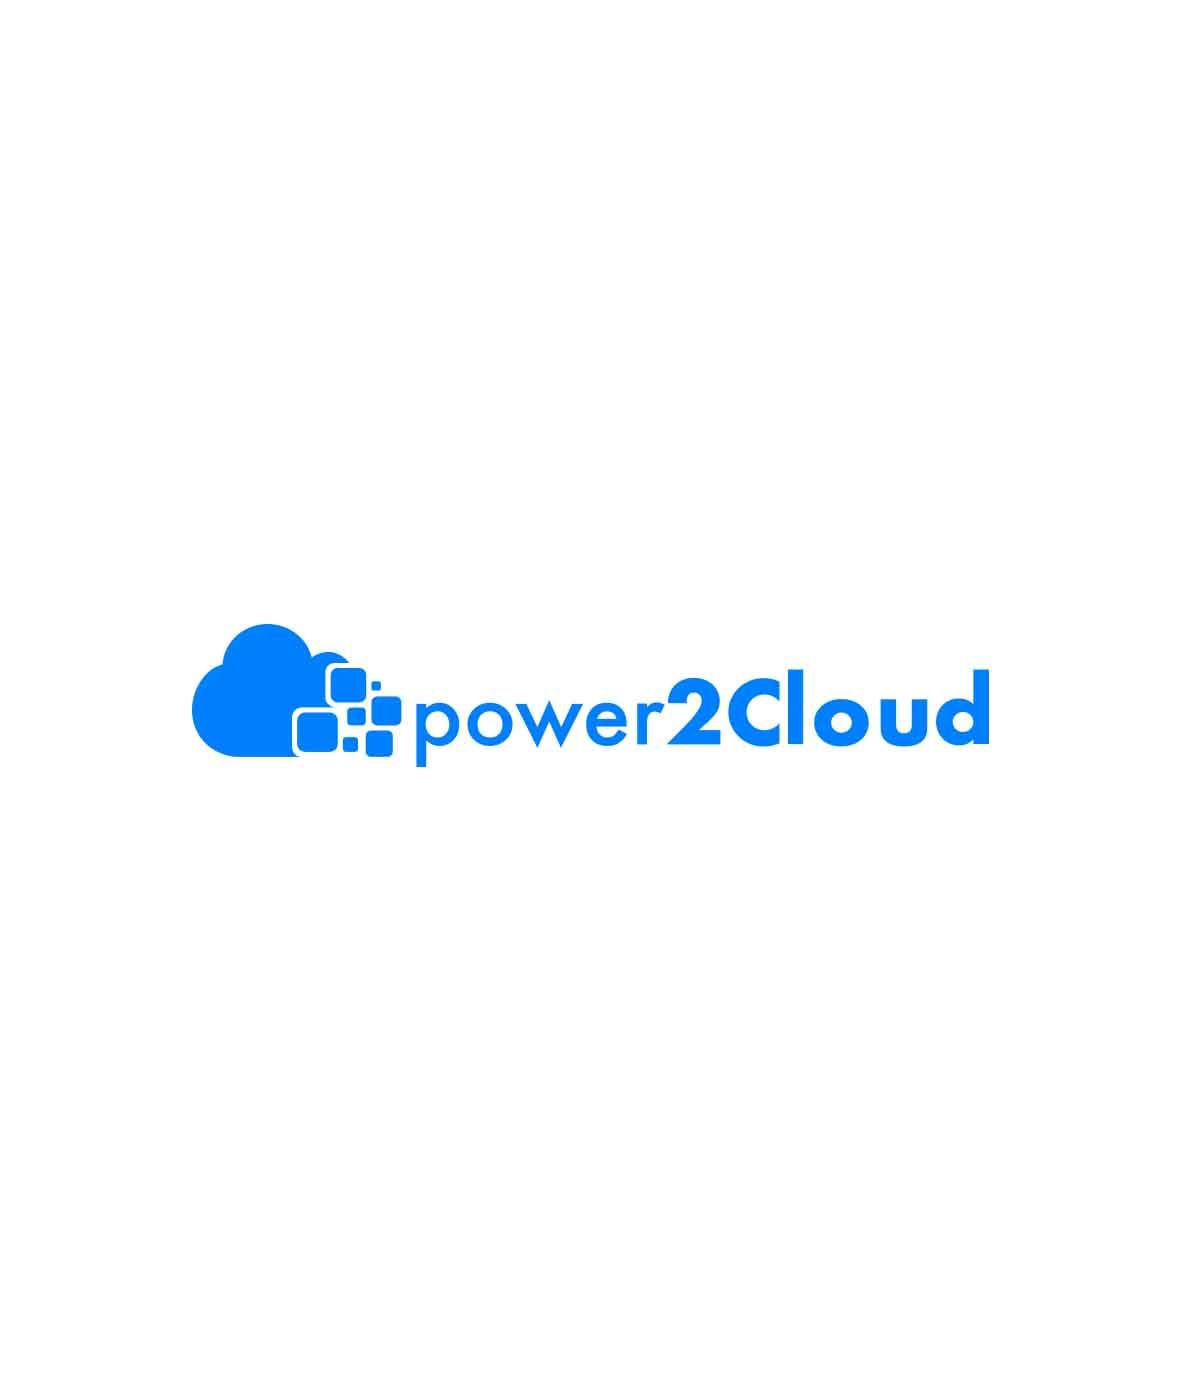 La storia di innovazione per le migliori soluzioni cloud | power2Cloud